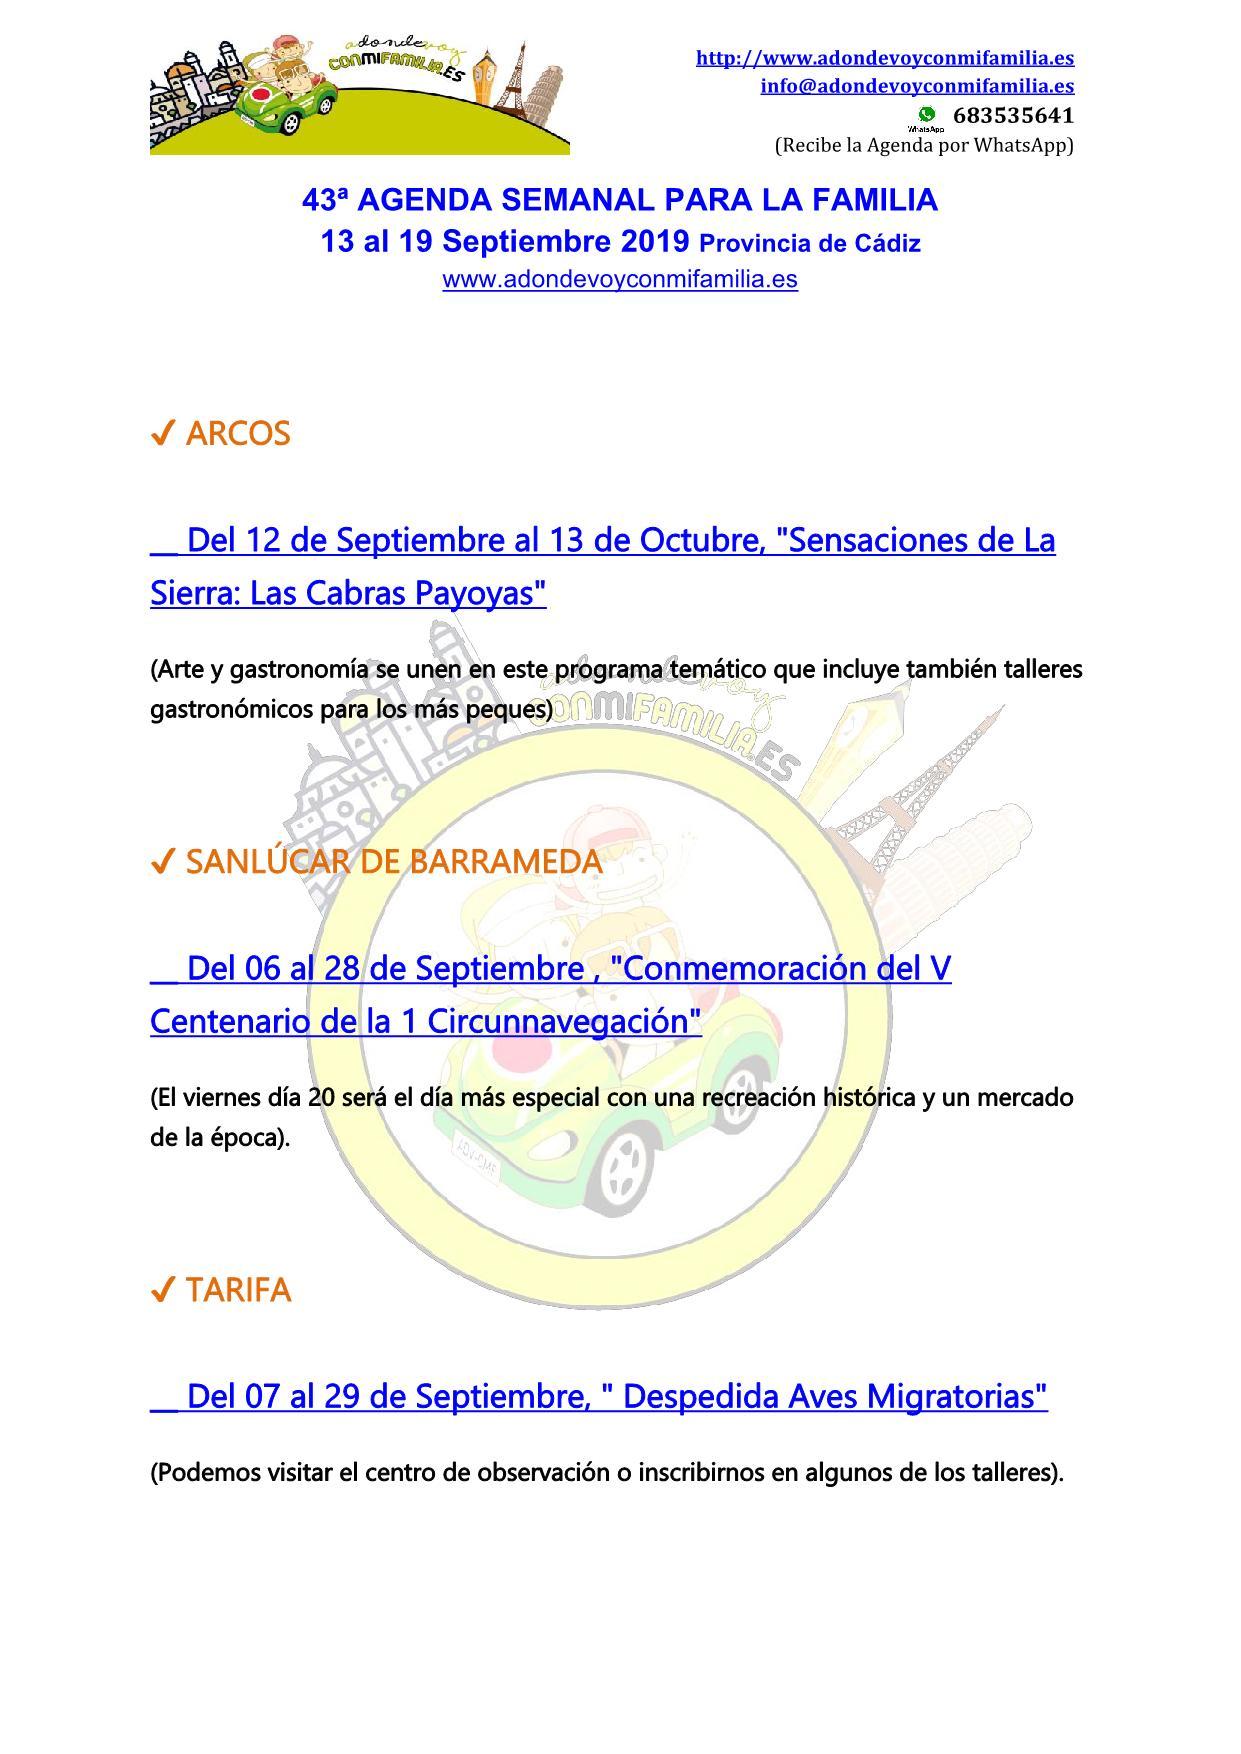 043 Agenda semanal familiar 13 al 19 septiembre 2019